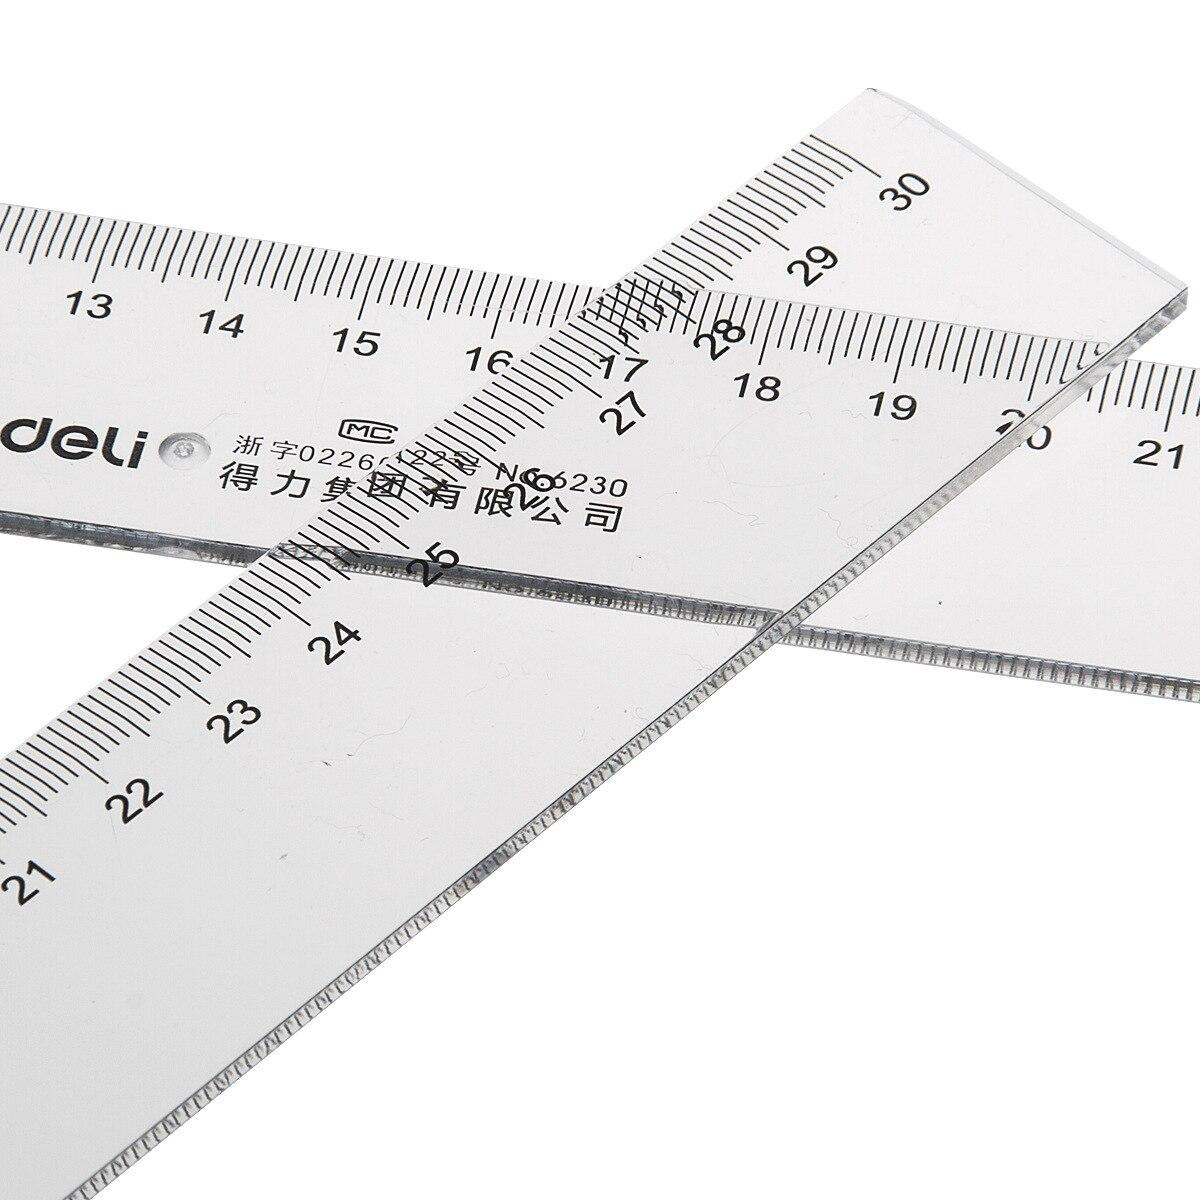 Deli Ruler Deli 6230 Ruler Deli 30cm Plastic Ruler